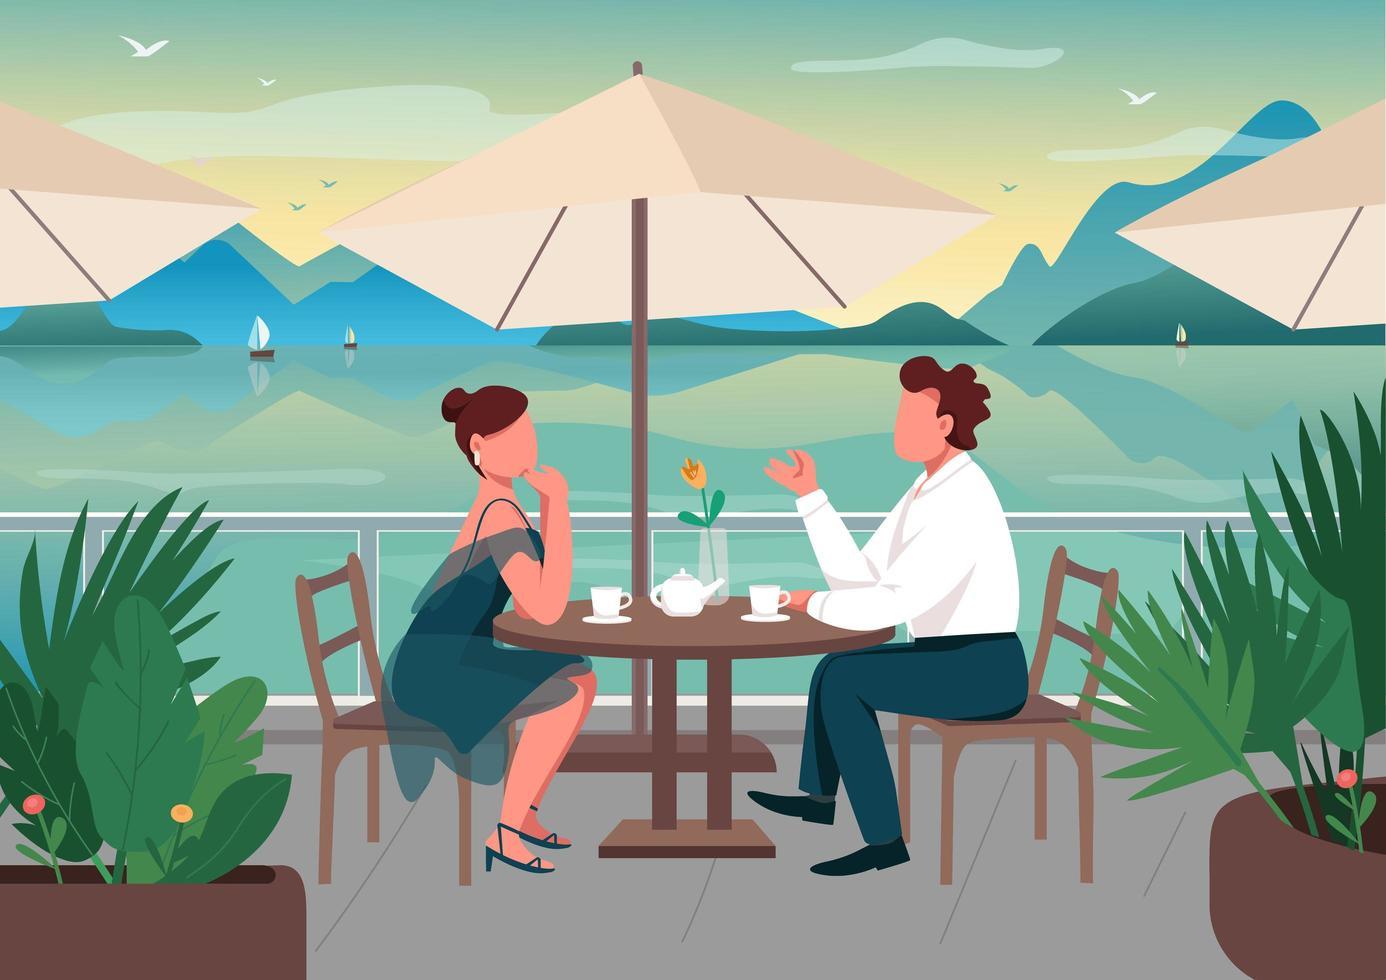 romantische date in badplaats vector